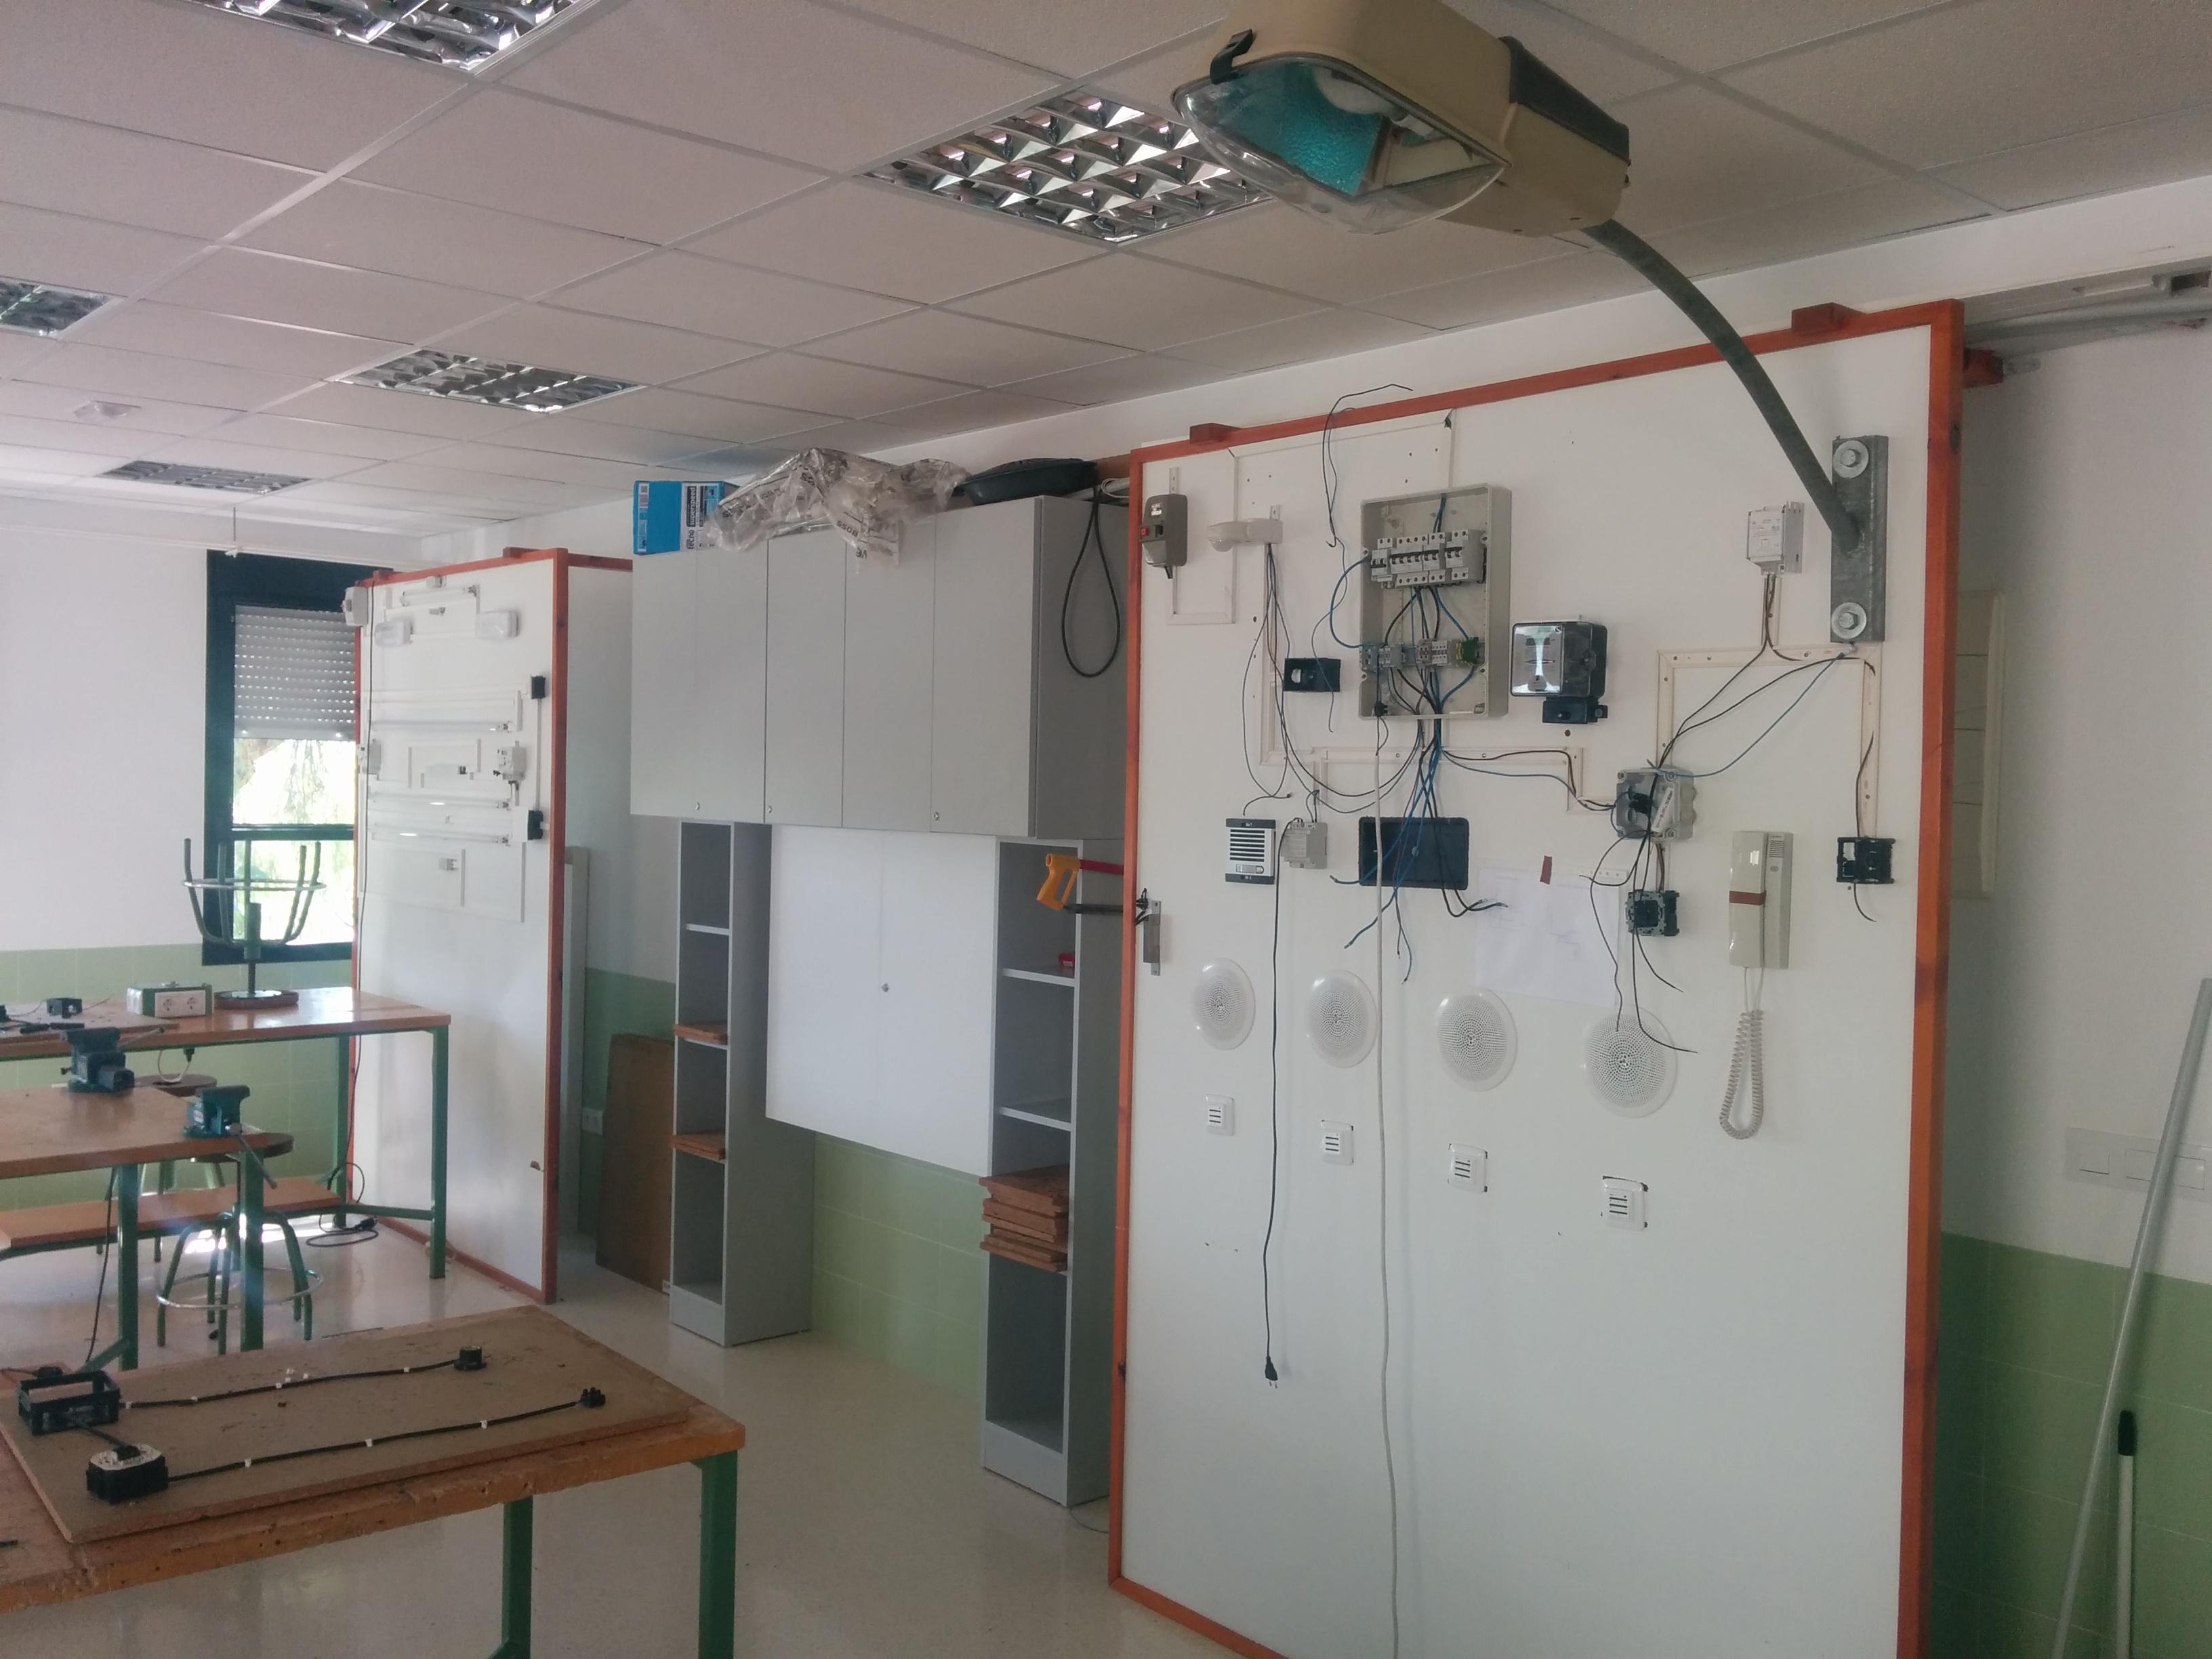 Aula FPB Electricidad y Electronica